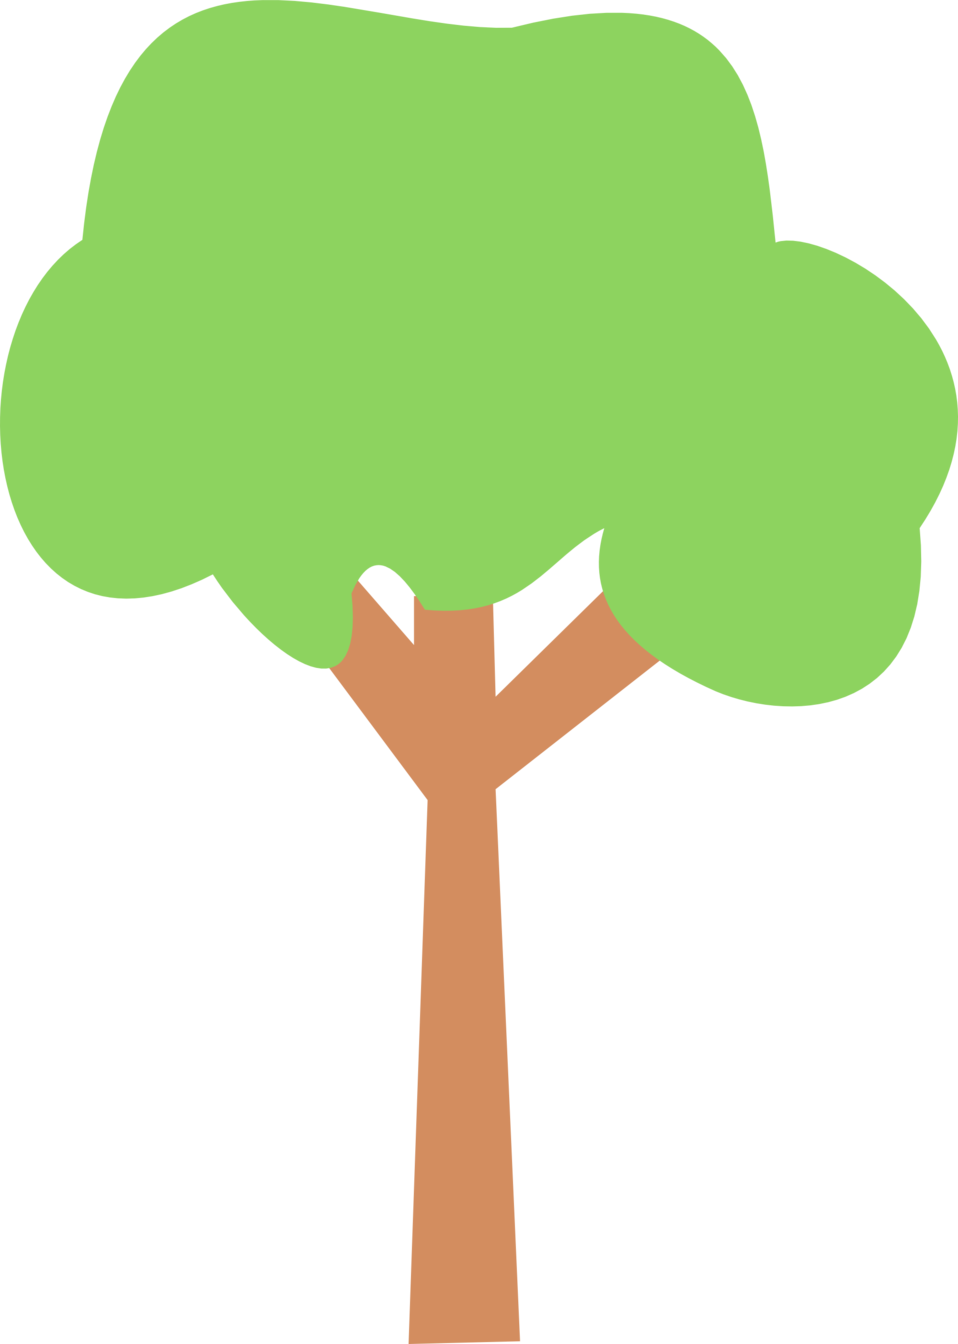 trees 2